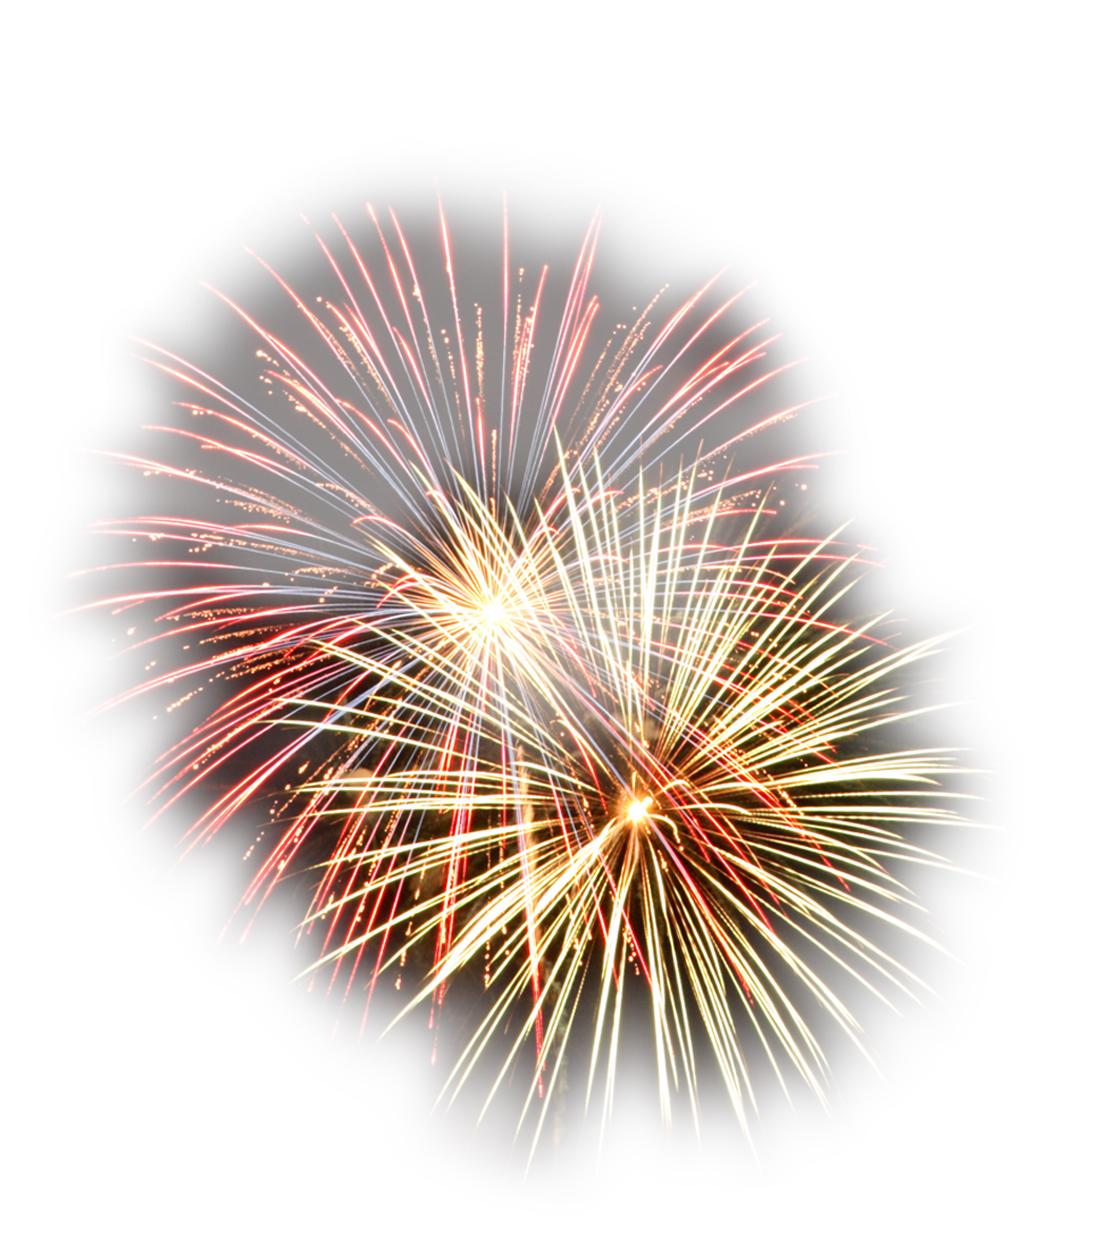 fireworks hd png transparent fireworks hdpng images